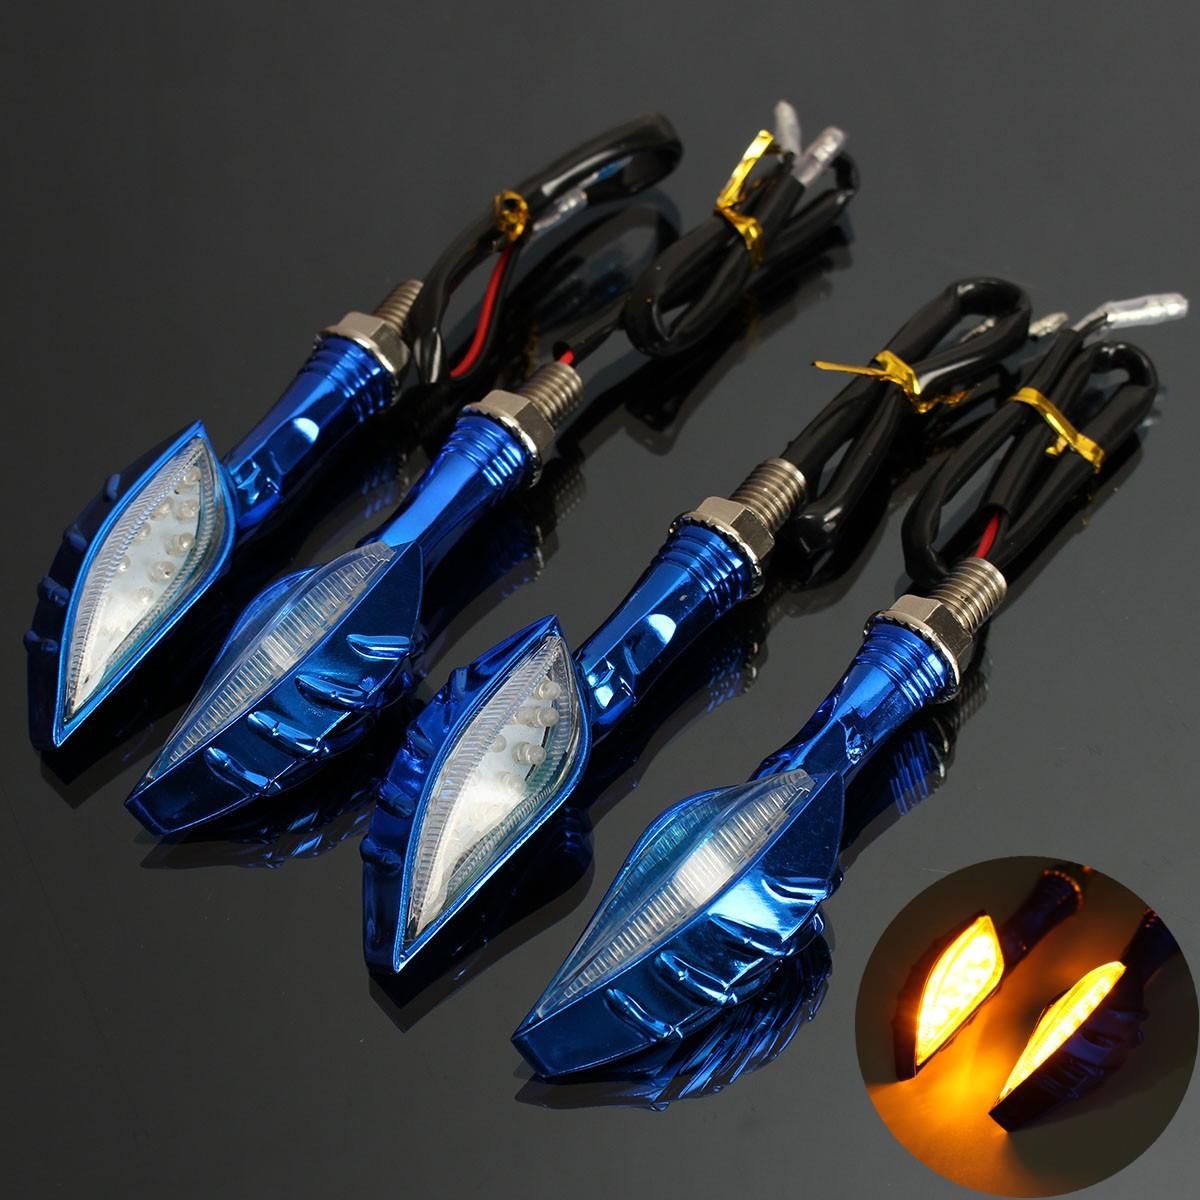 Шт черепа индикатор янтарного универсальный мотоцикл LED сигнал поворота свет